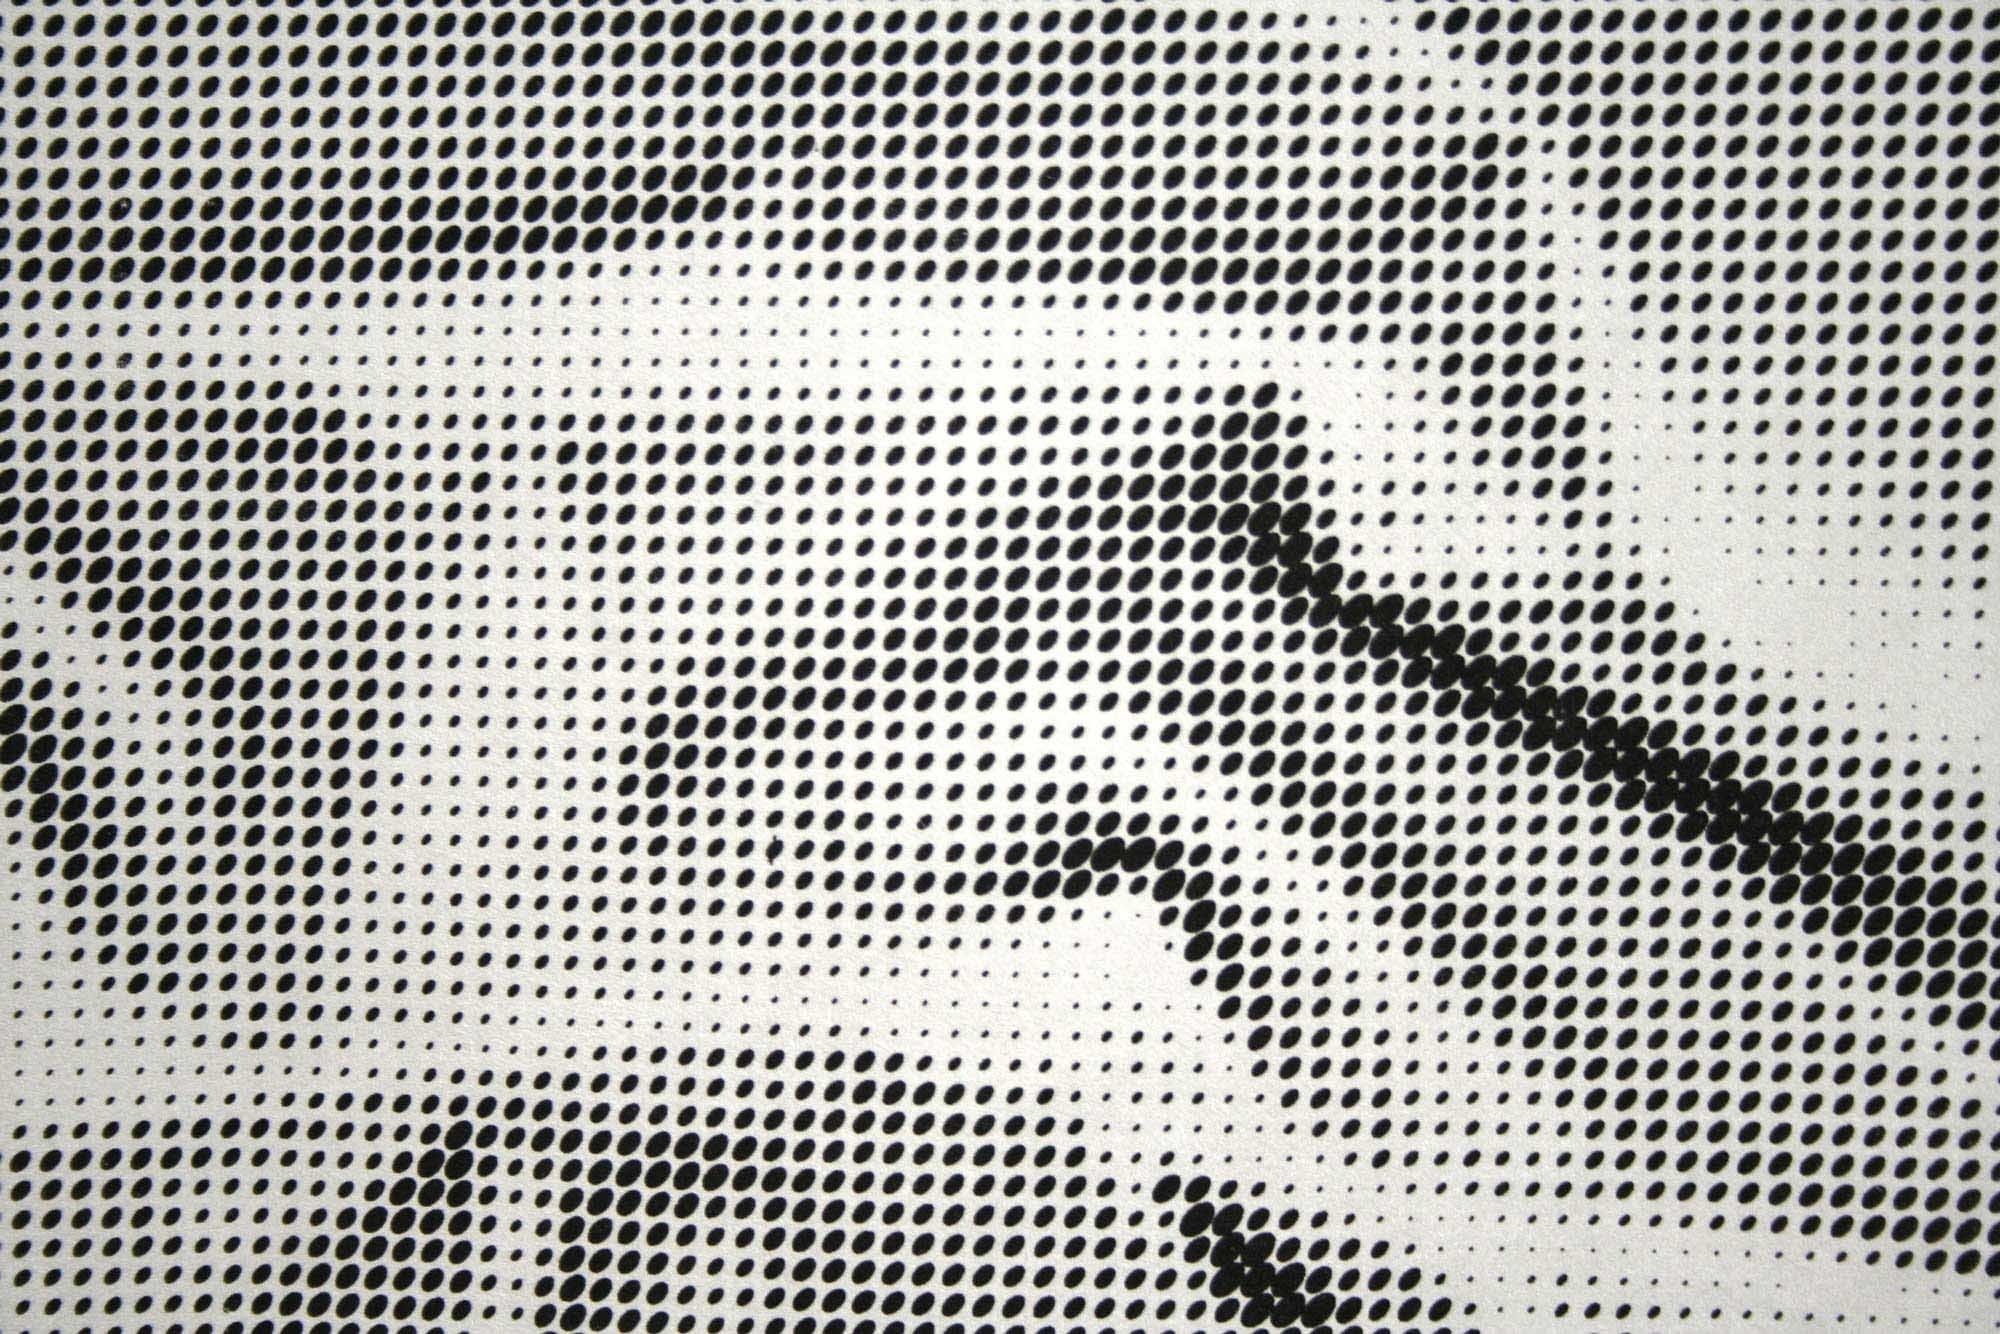 FUW_Drape_05.jpg